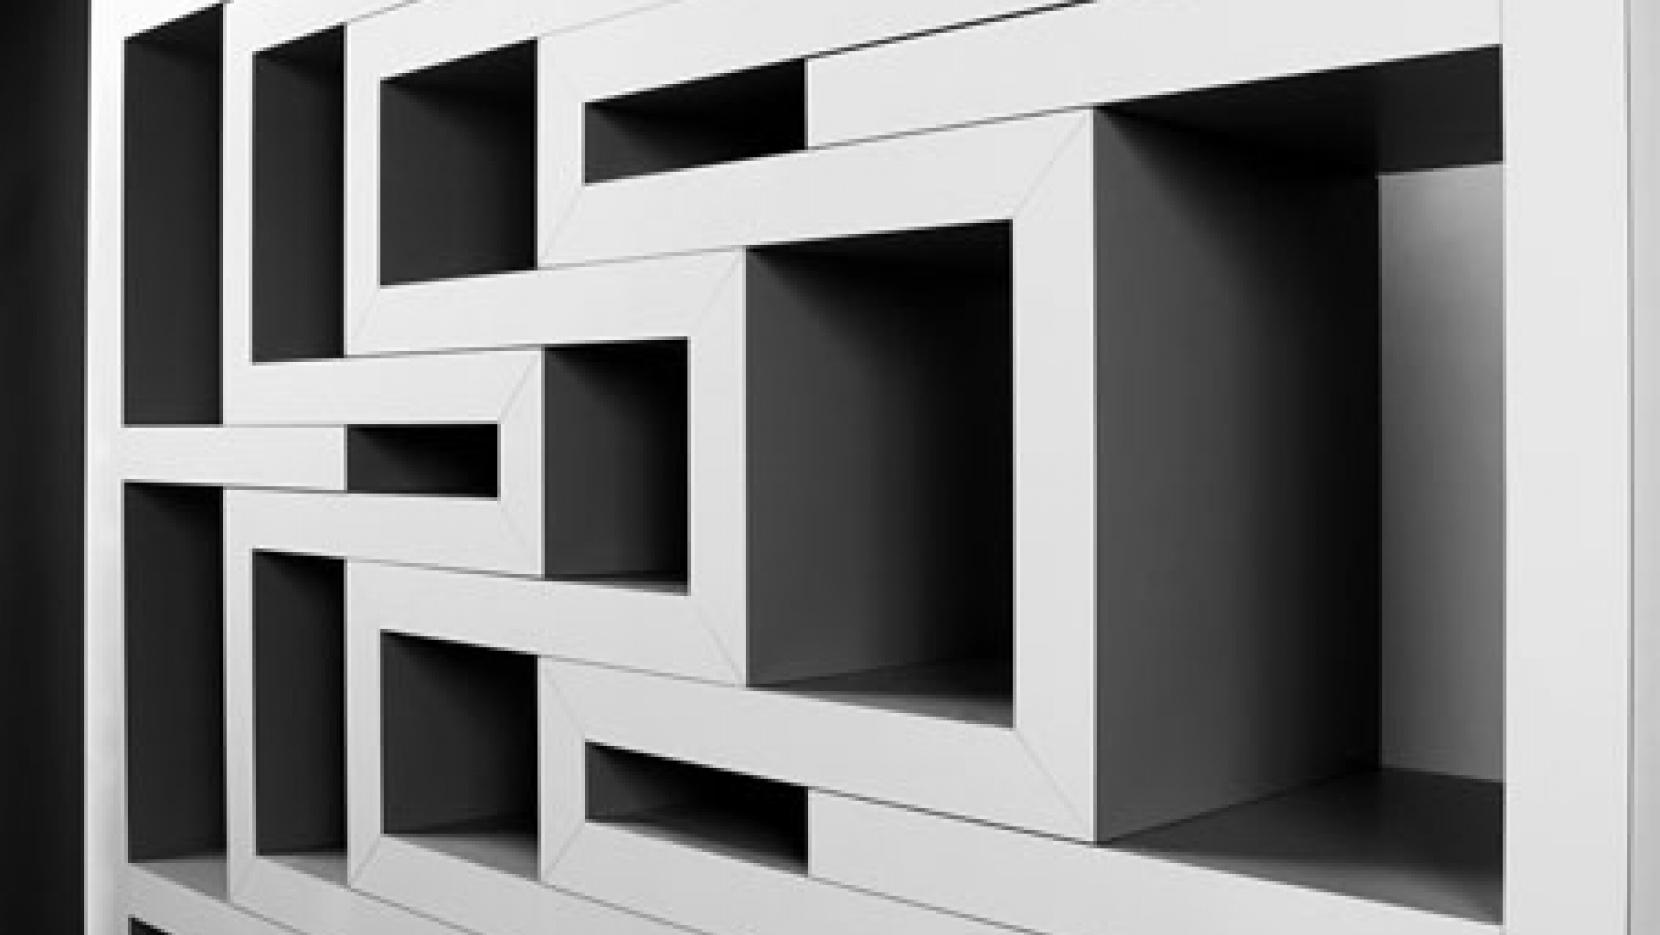 rek bookcase by reinier de jong  yatzer -